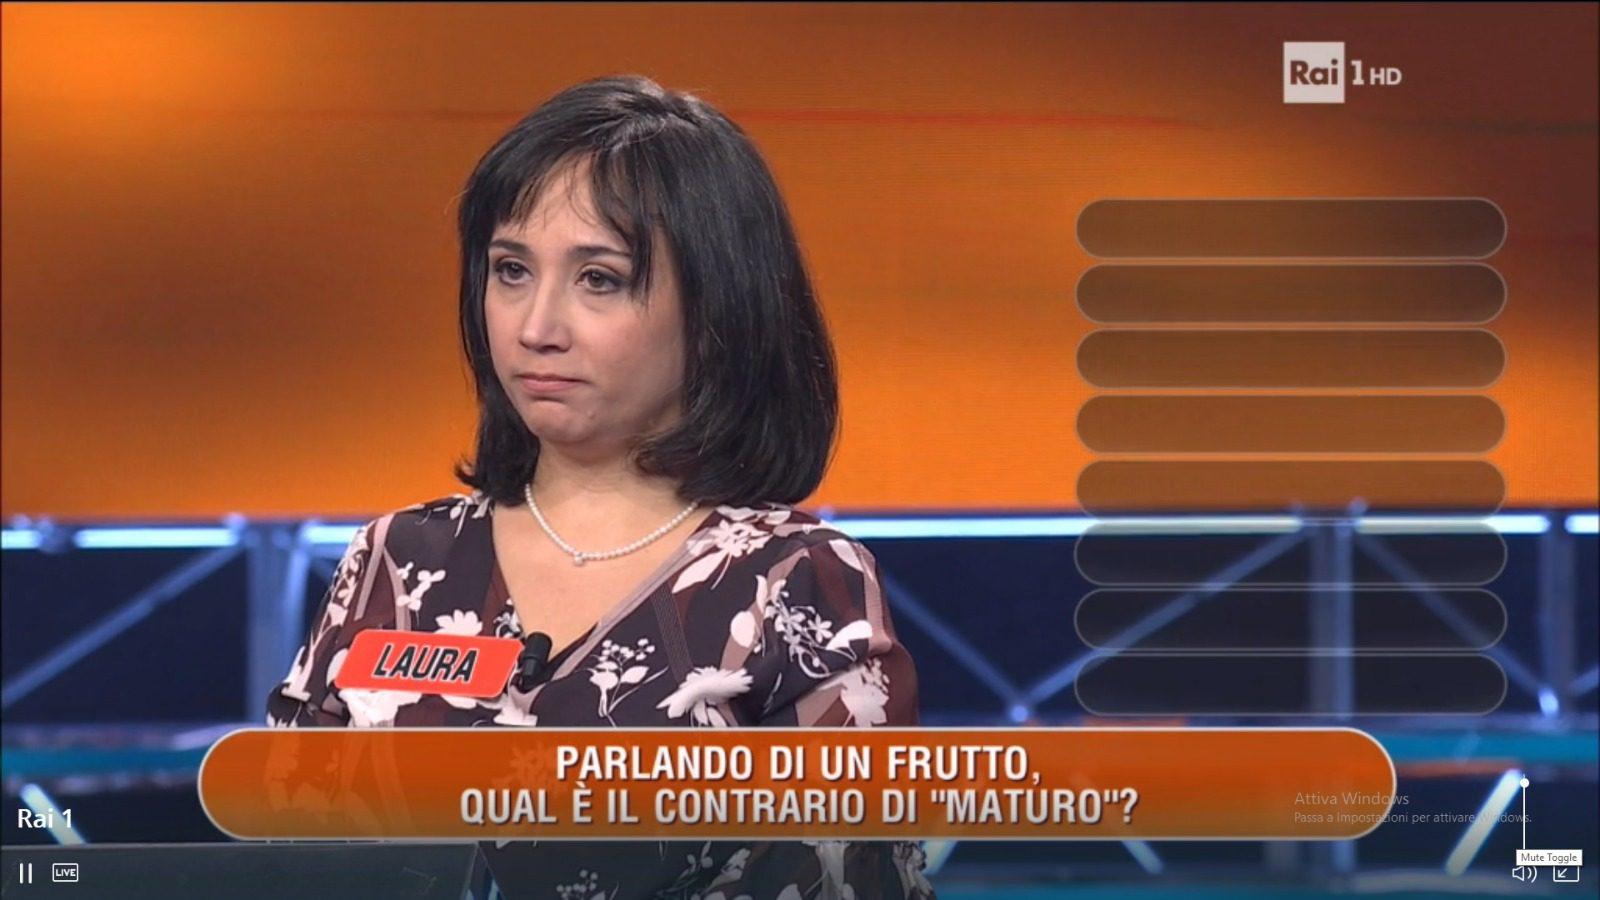 """Televisione, la paternese Laura La Manna concorrente a """"L'Eredità"""": tutti inchiodati davanti alla tv"""